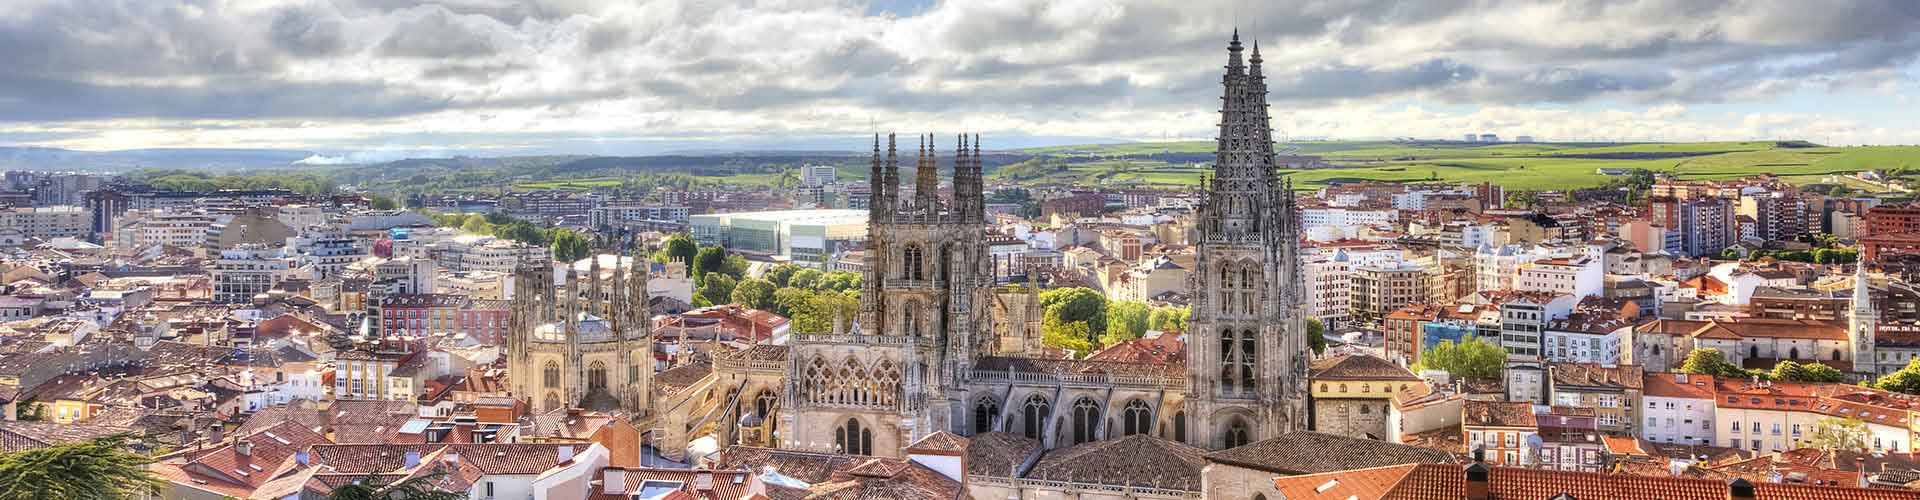 Burgos - Hostales en Burgos. Mapas de Burgos, Fotos y comentarios de cada Hostal en Burgos.